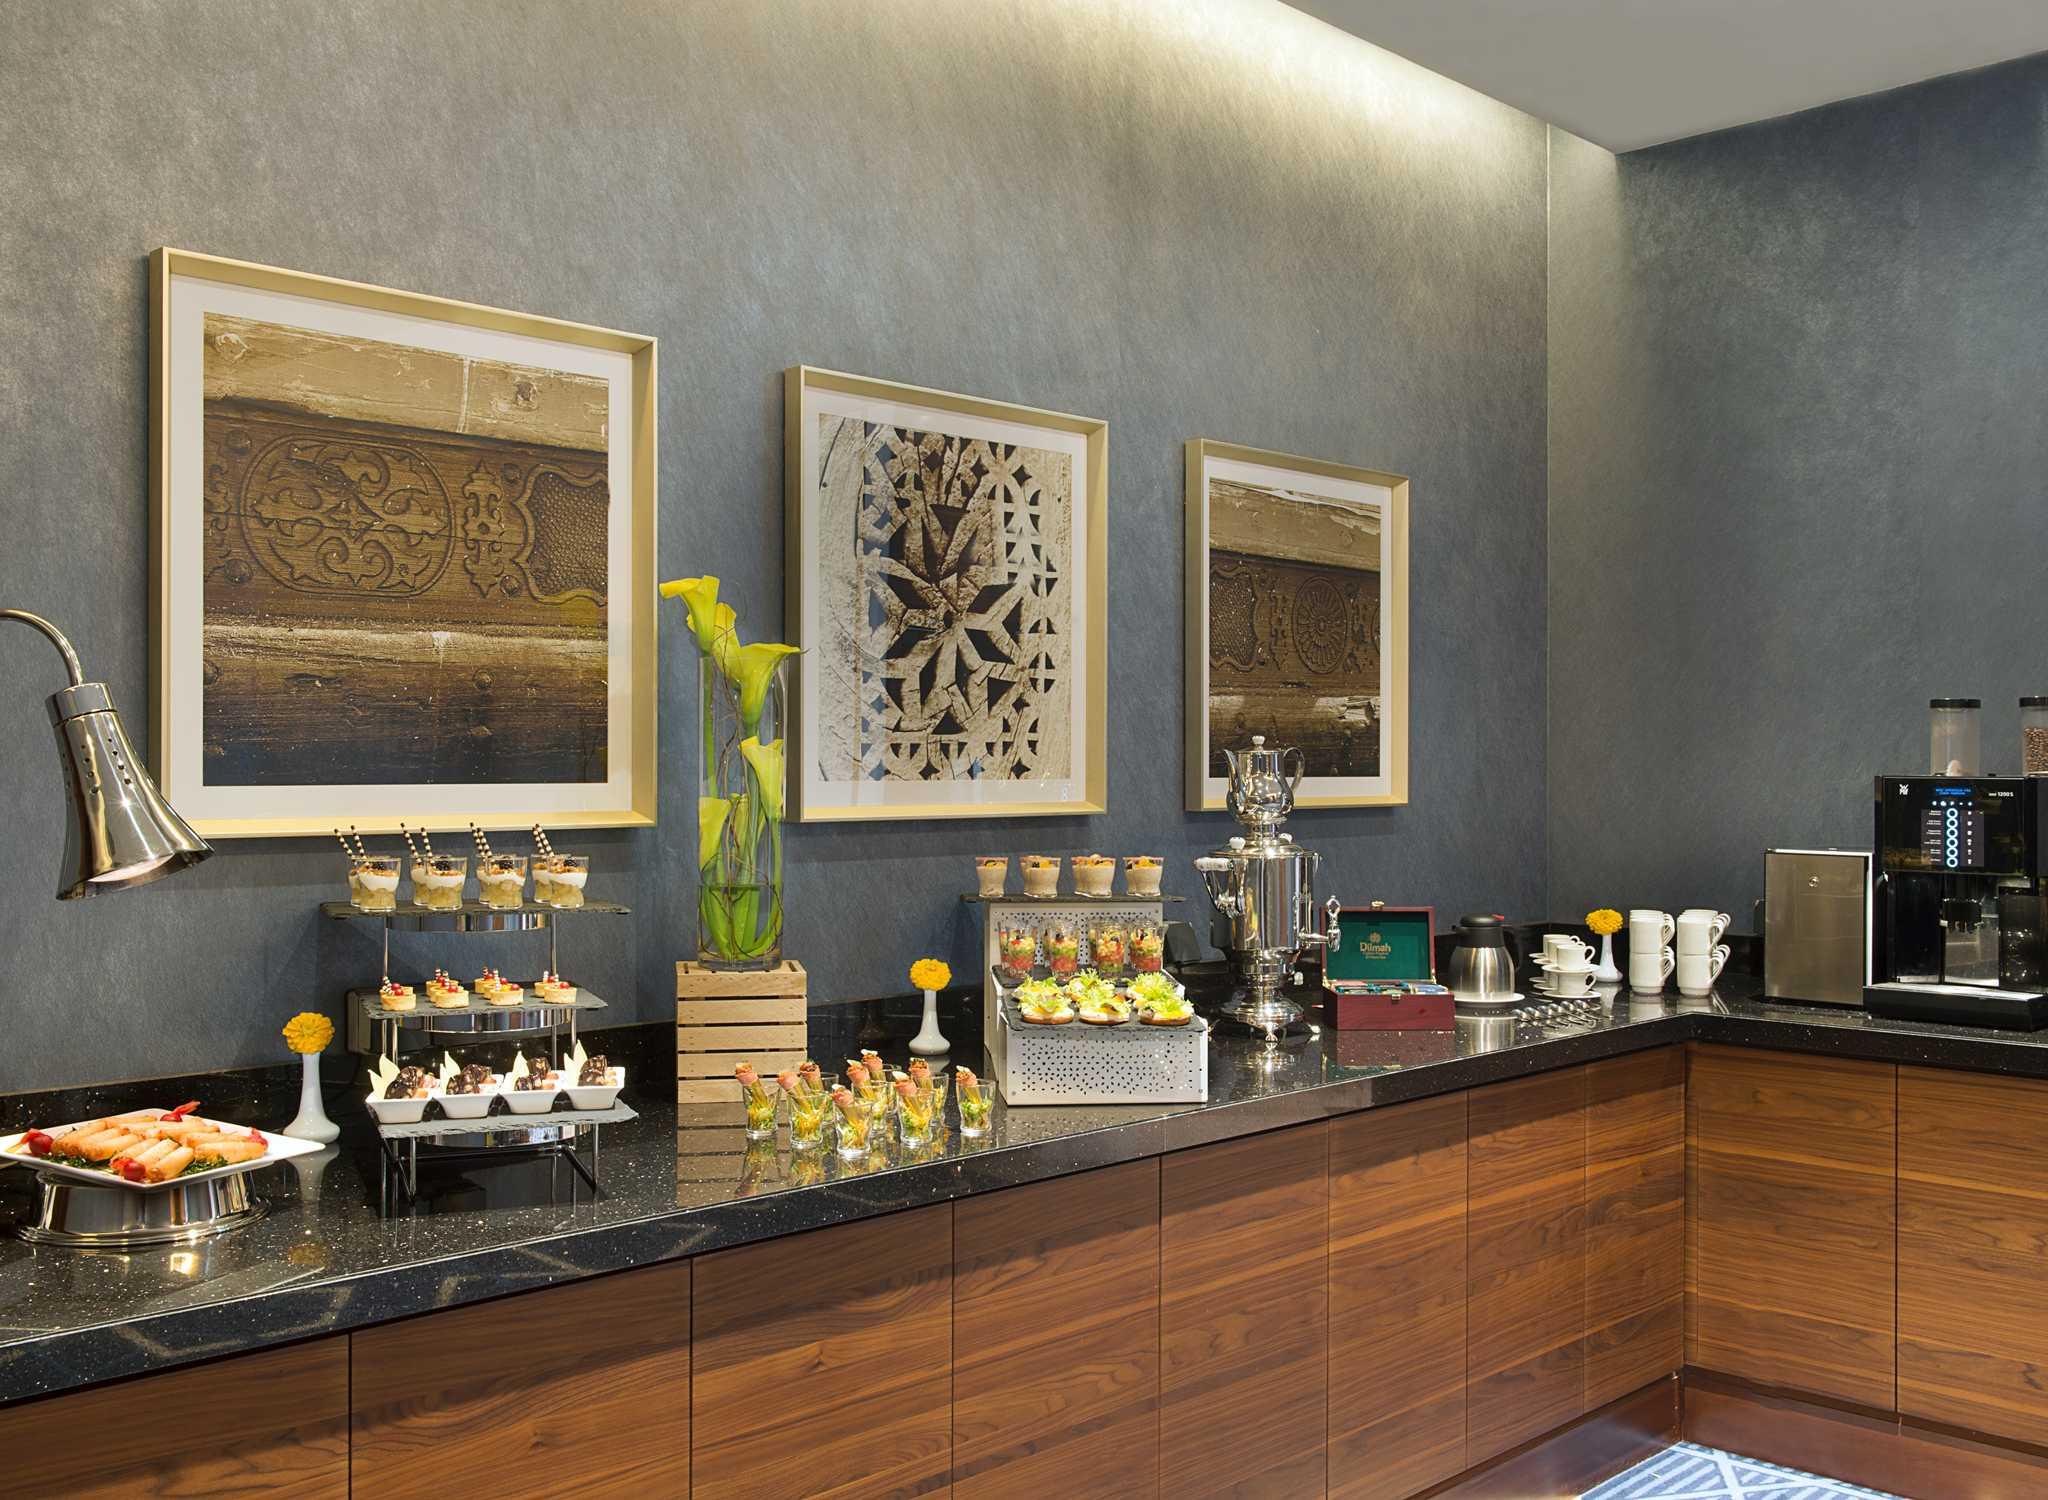 Hotels in Dubai – Hilton Garden Inn Dubai Al Mina